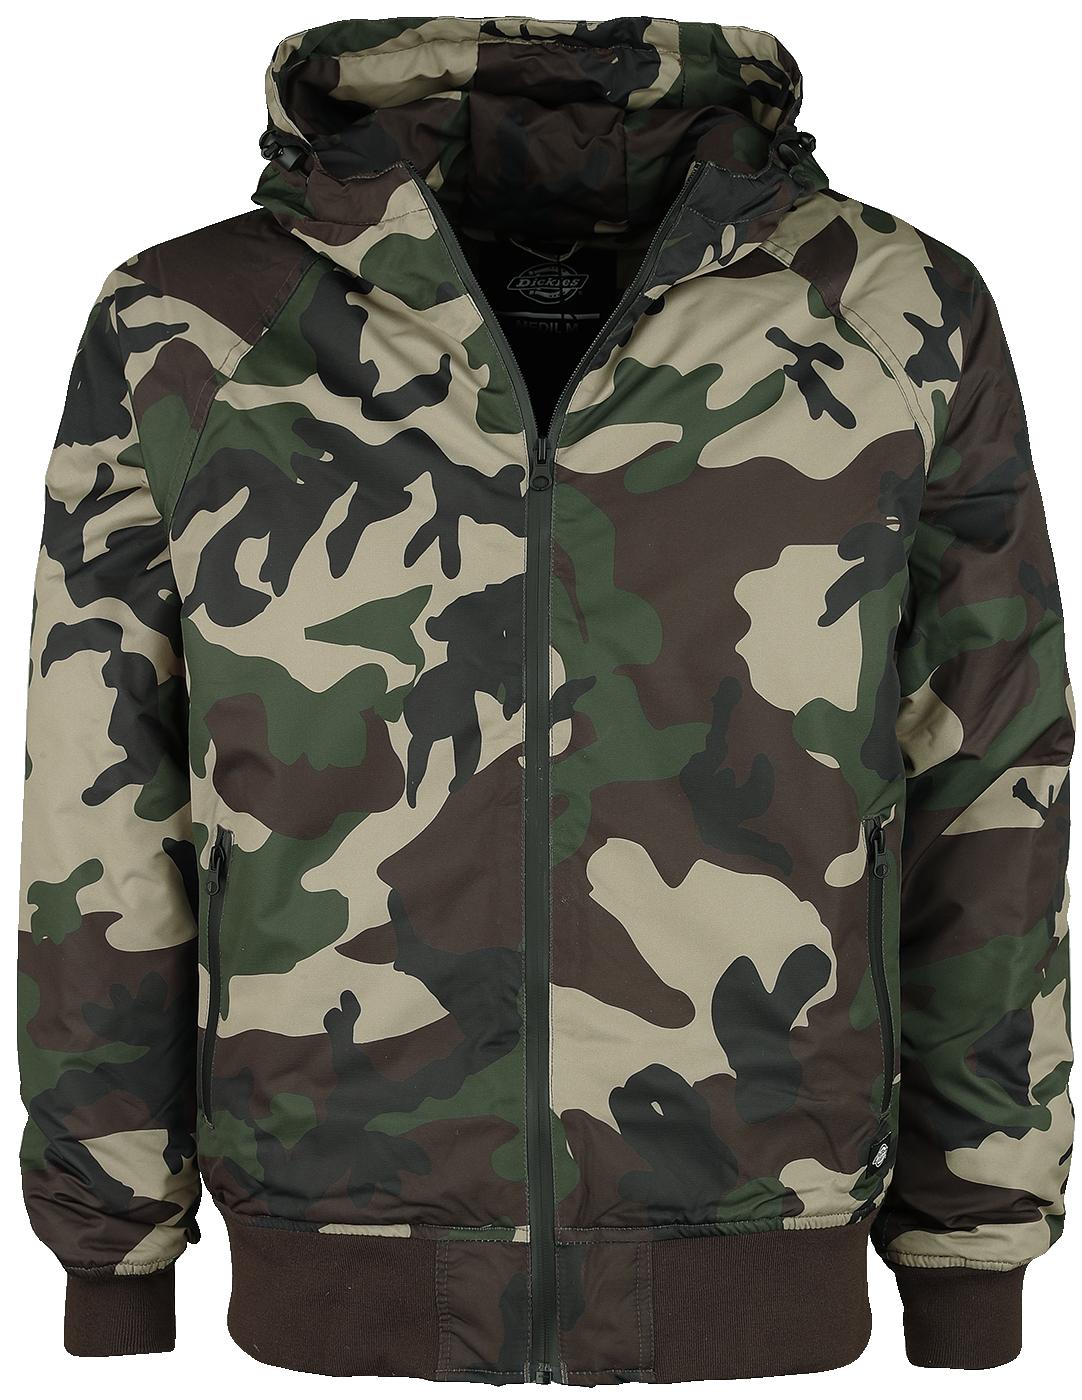 Dickies - Fort Lee - Jacket - camouflage image